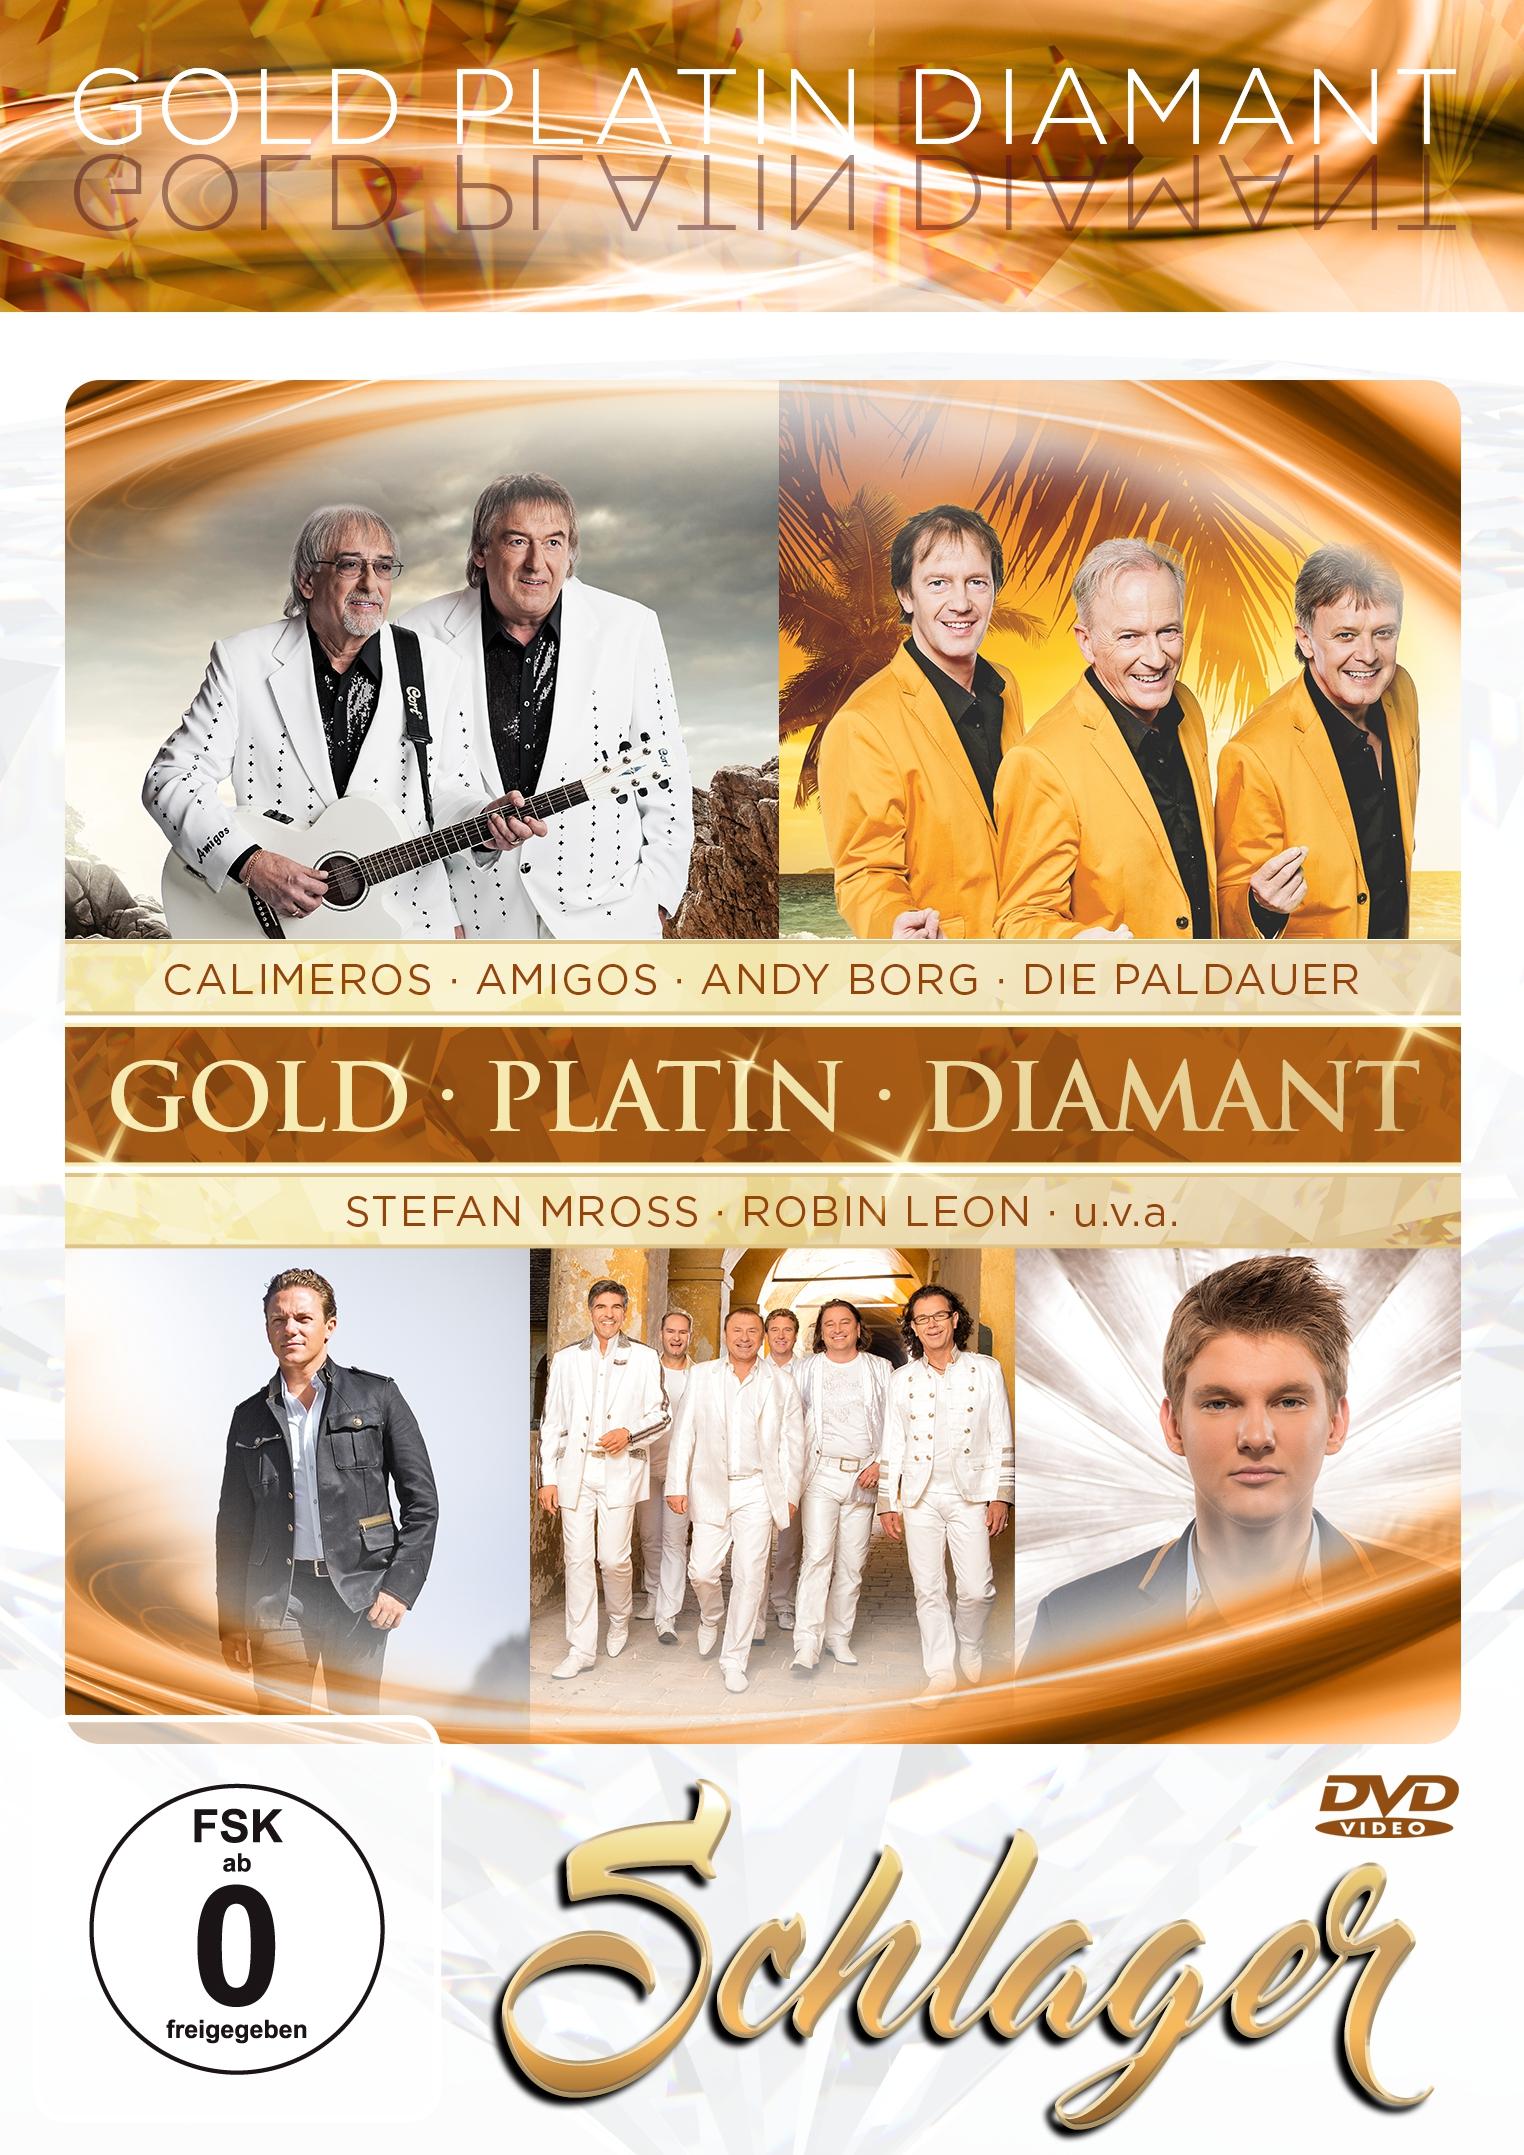 Gold ' Platin ' Diamant - Schlager (DVD 2017)